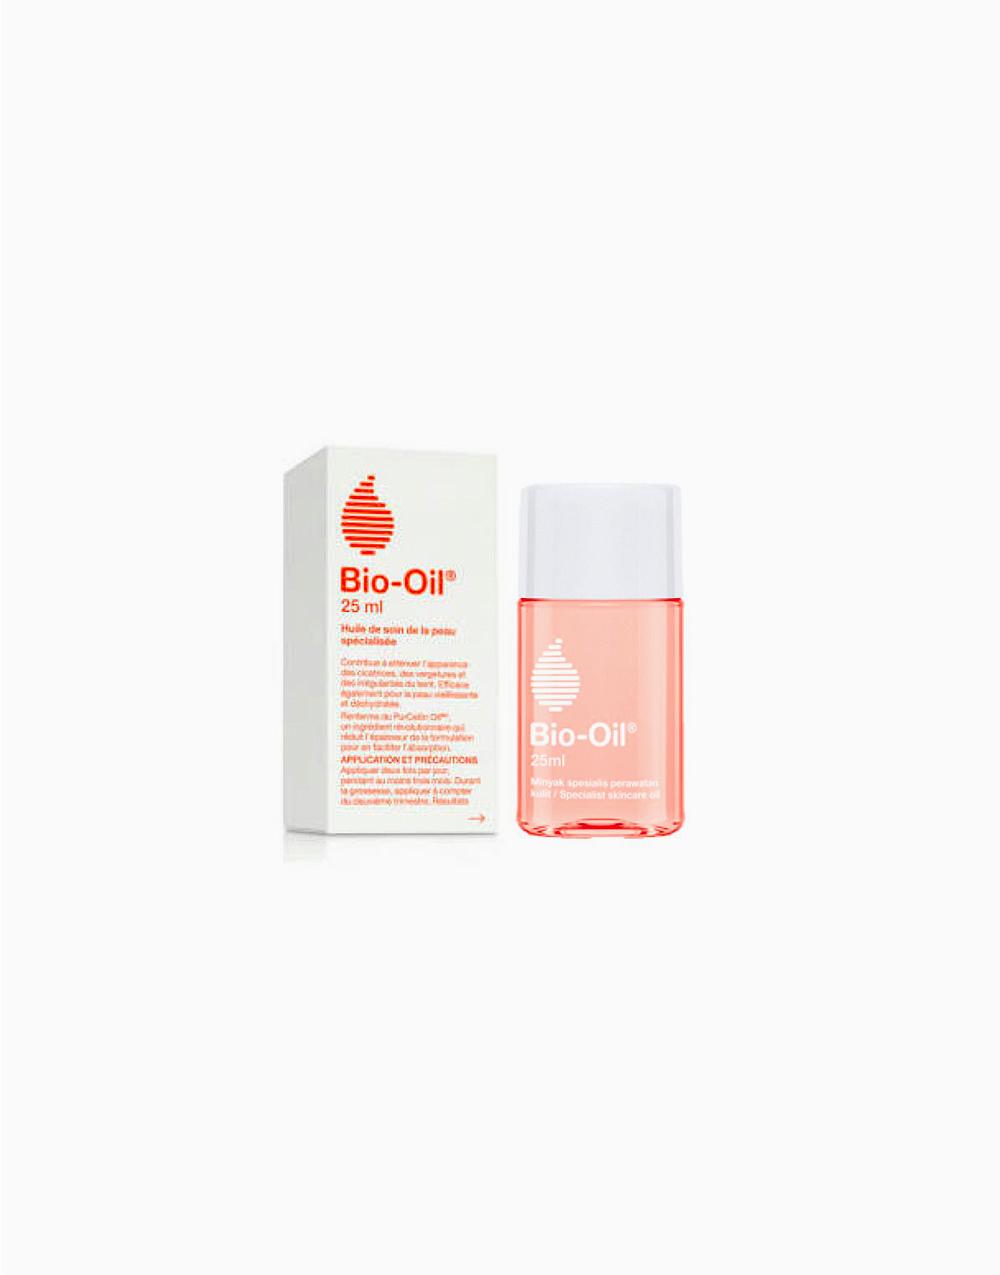 Specialist Skincare Oil (25ml) by Bio-Oil